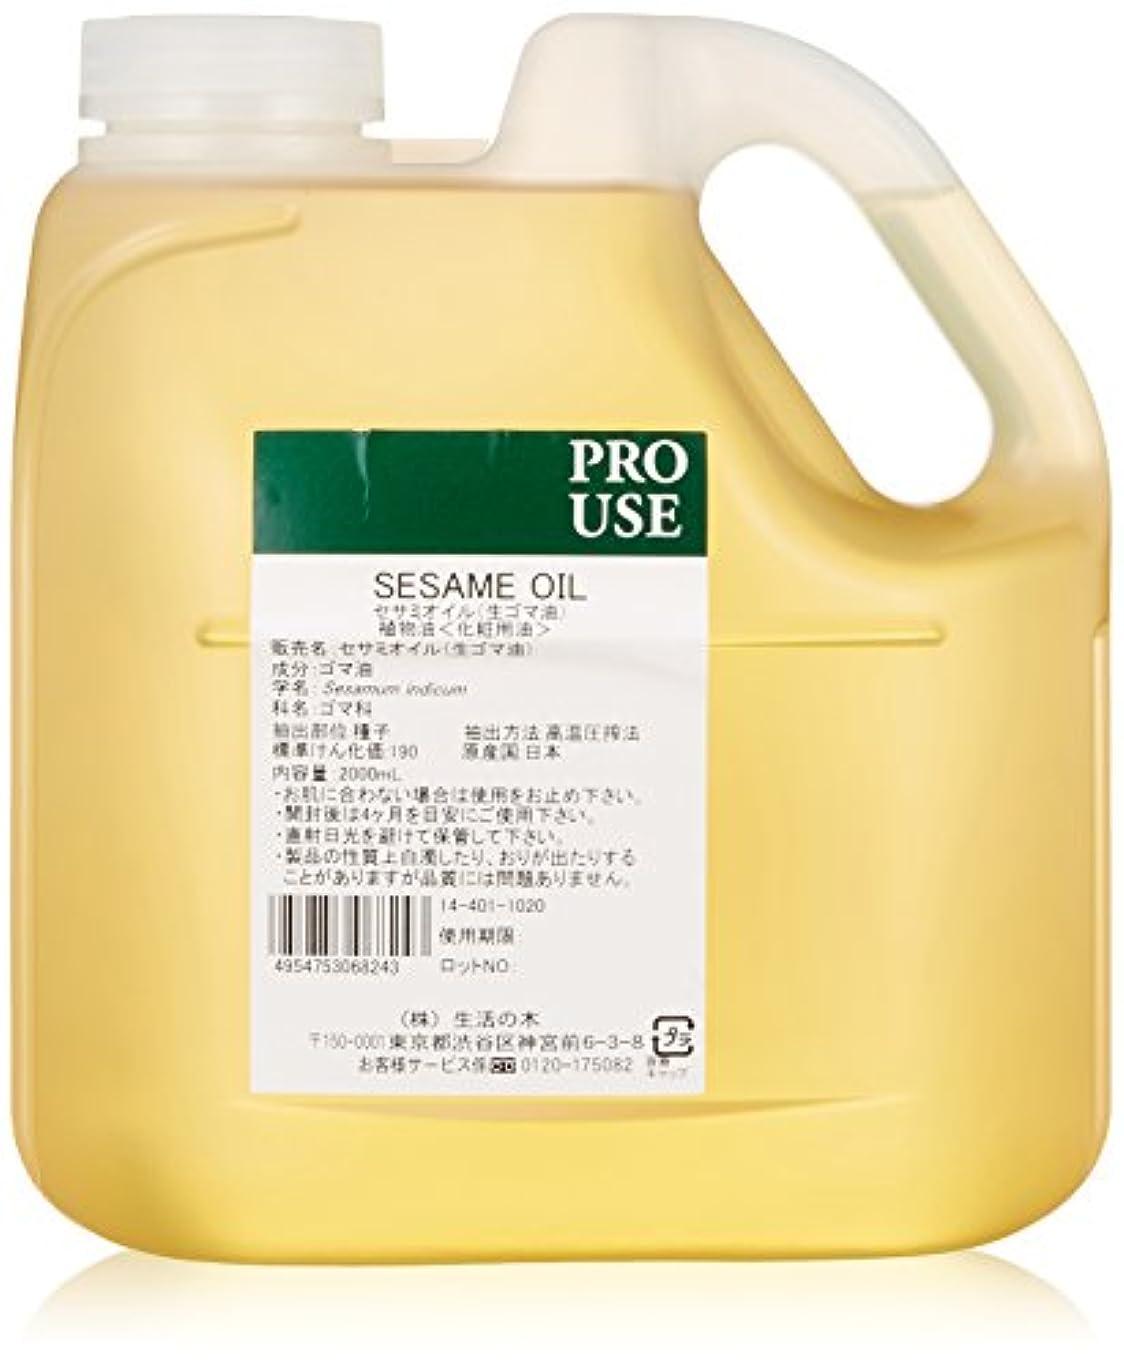 背の高い取るに足らないペルソナセサミオイル(生ゴマ油)2000mL